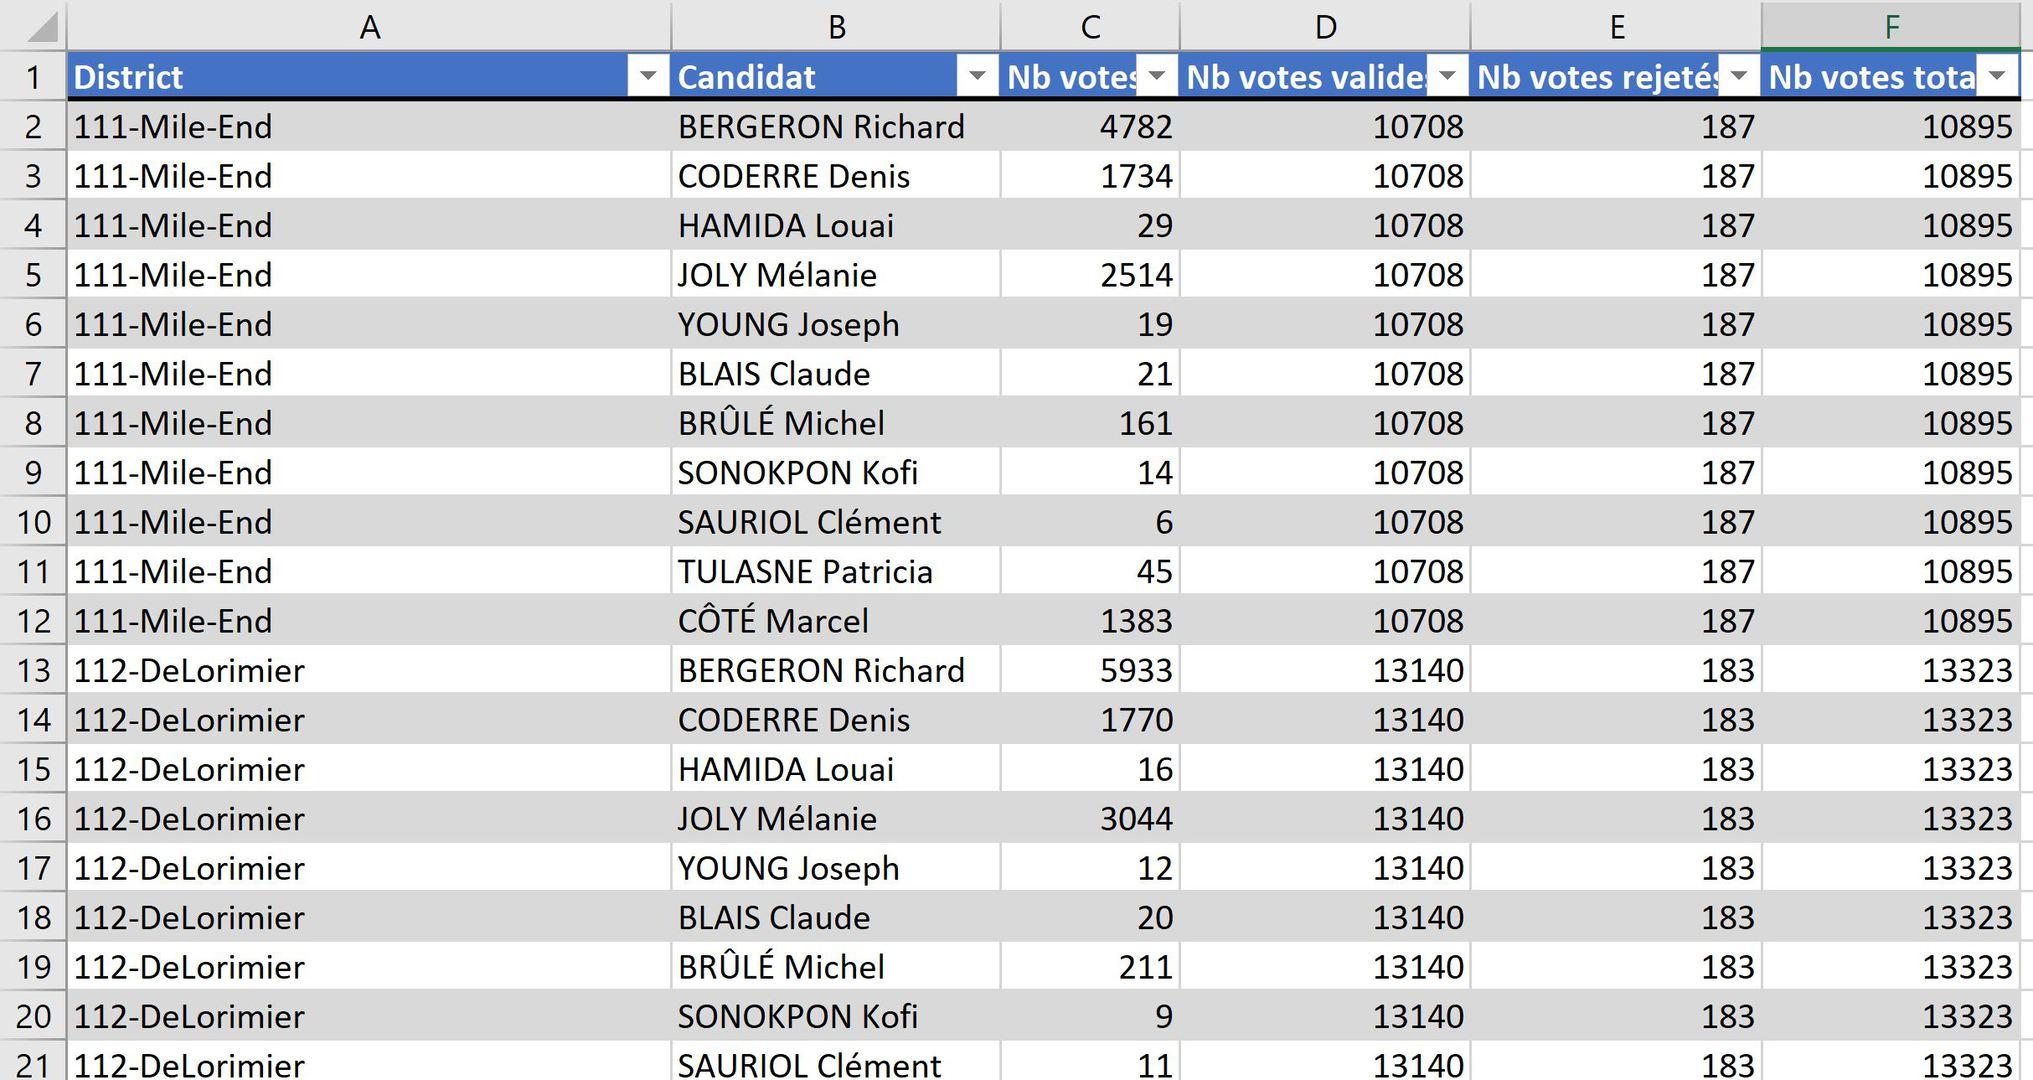 Données mises sous forme de tableaux dans Excel